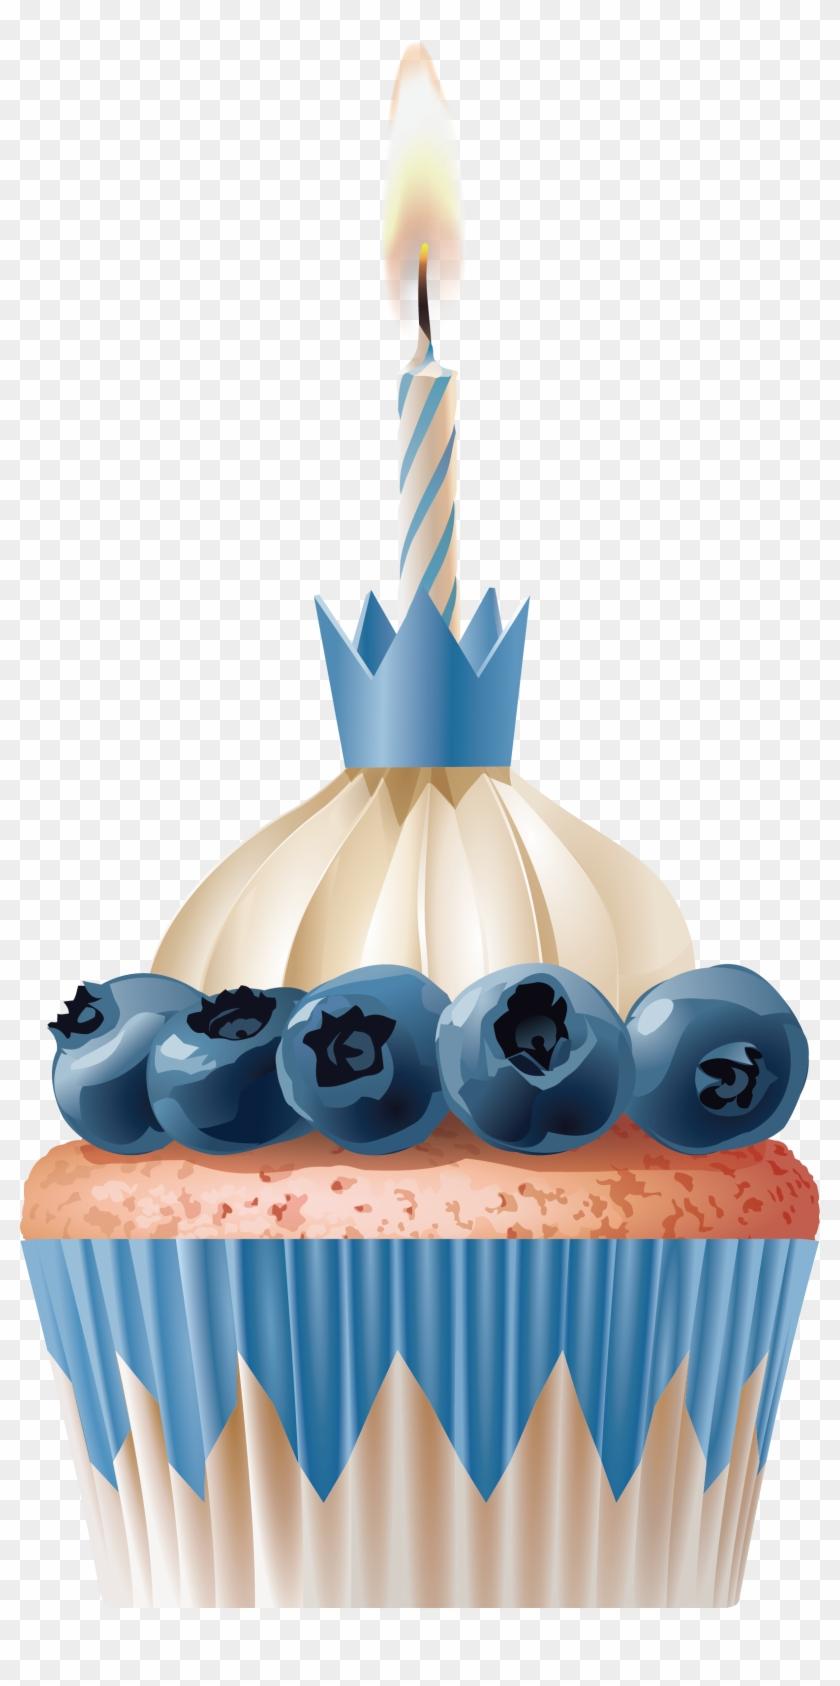 Cupcake Birthday Cake Bakery Muffin Madeleine